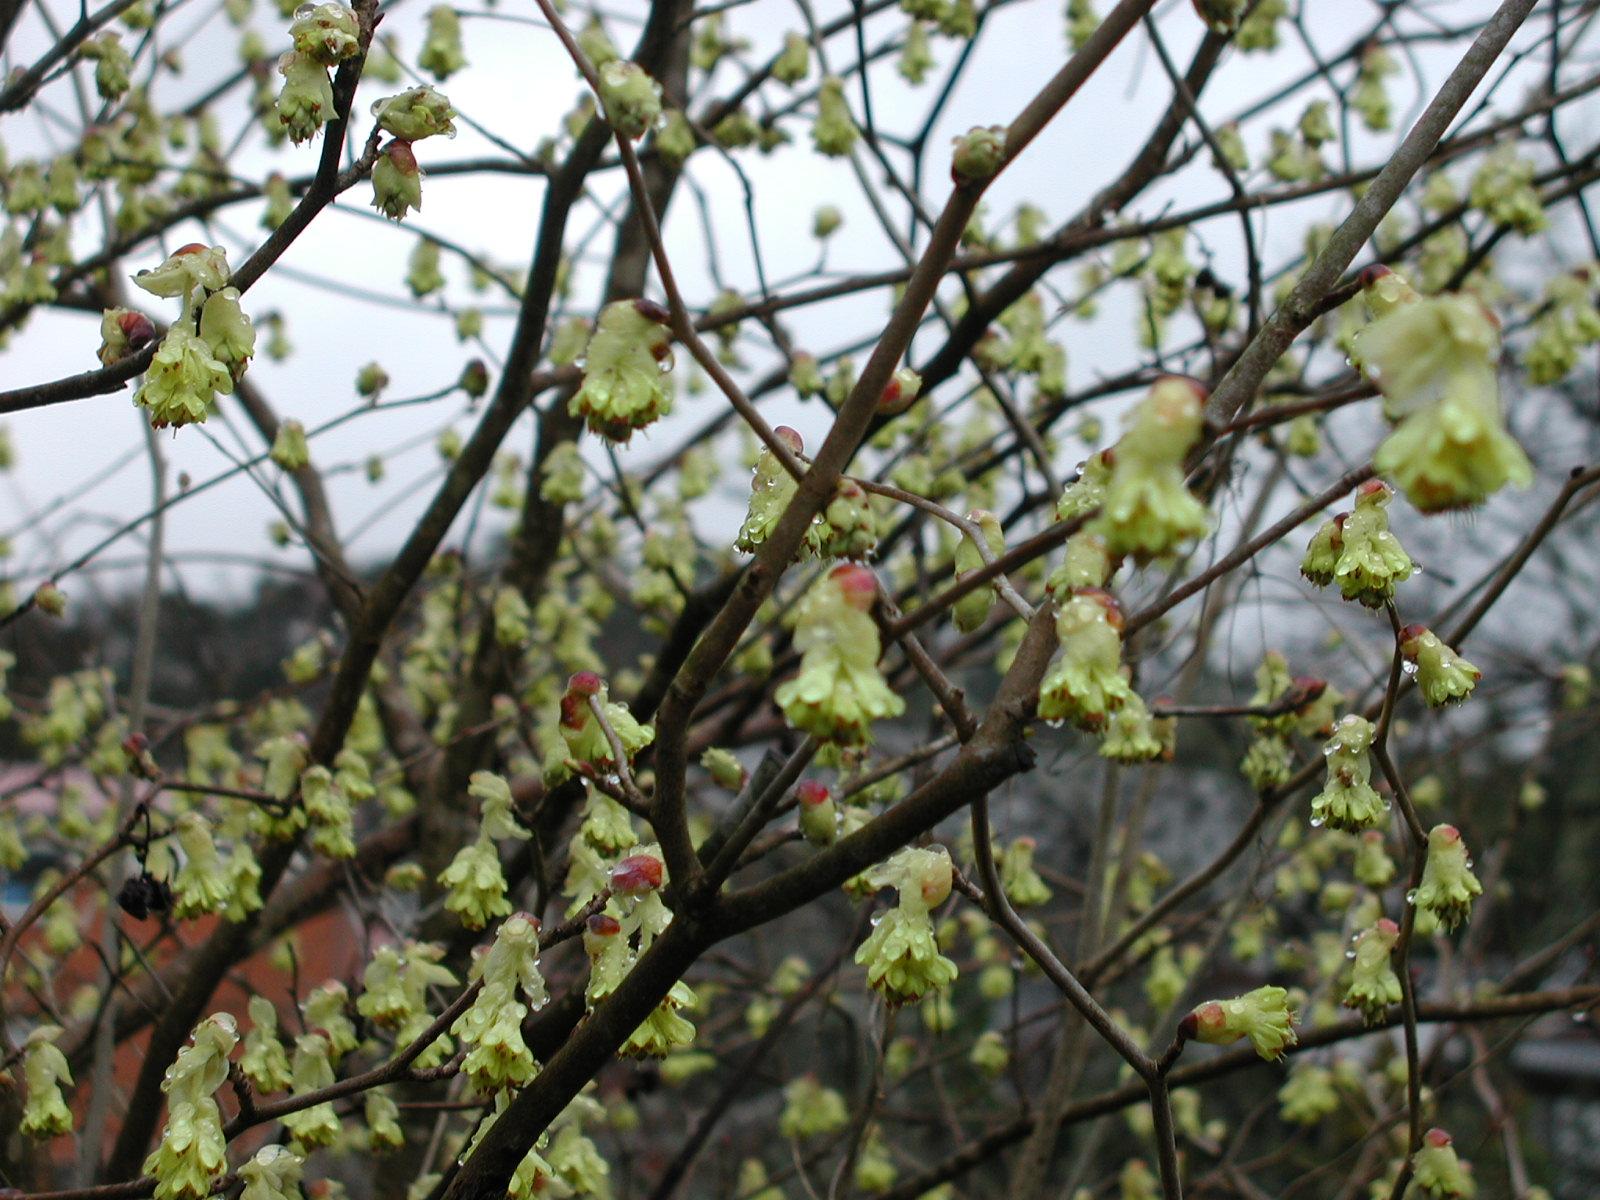 梅は満開・・・・春花も咲き始めました・・・・・_f0201562_1292944.jpg